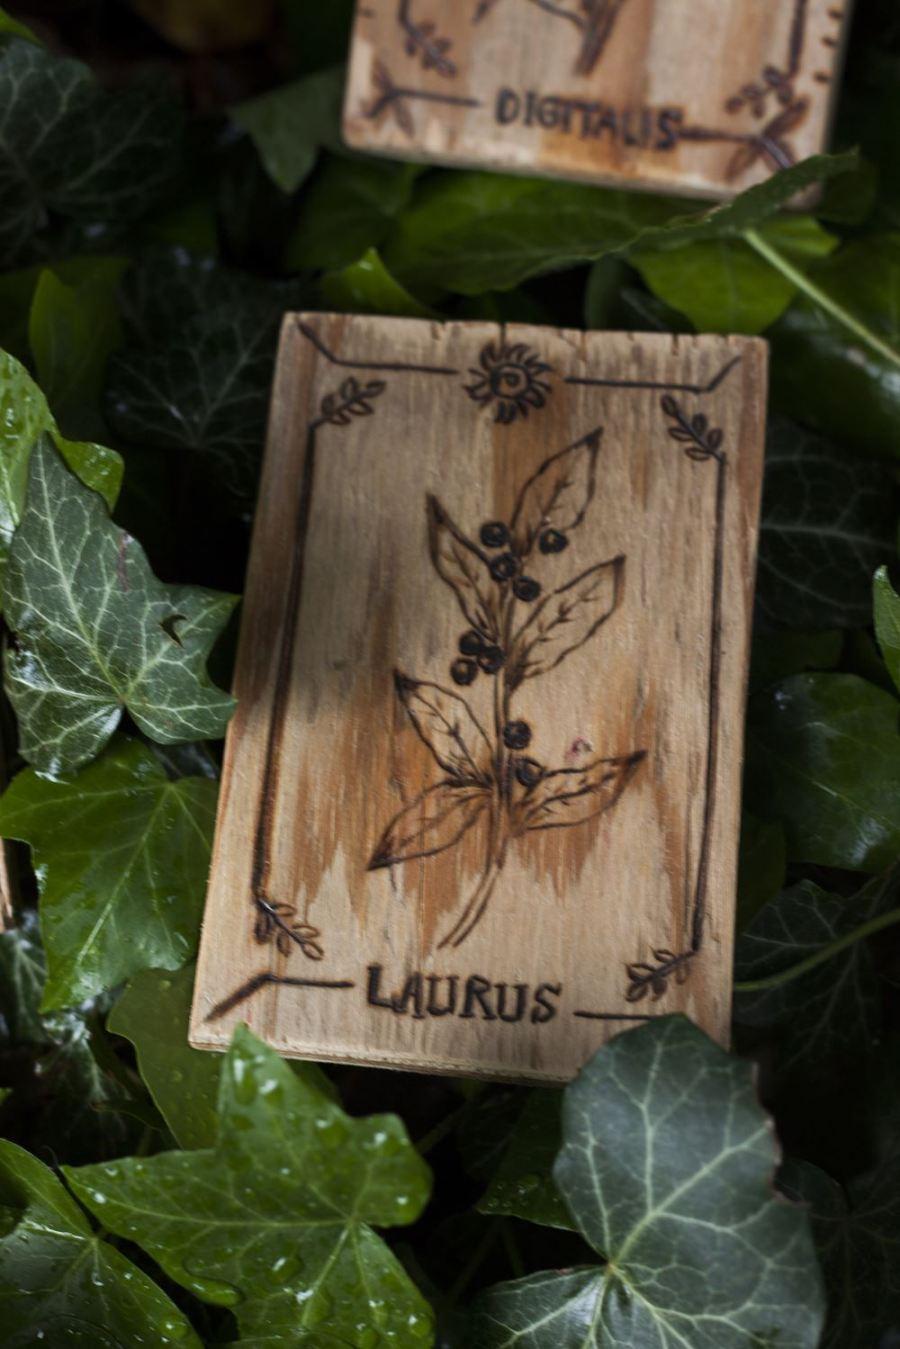 Décoration carte de tarot en bois inspirée des gravures anciennes botaniques de plantes, naturalisme, laurier, laurus,, upcyclé, par l'atelier de la Lettre aux ours - Missive to Bears, artisanat écologique et français en Normandie